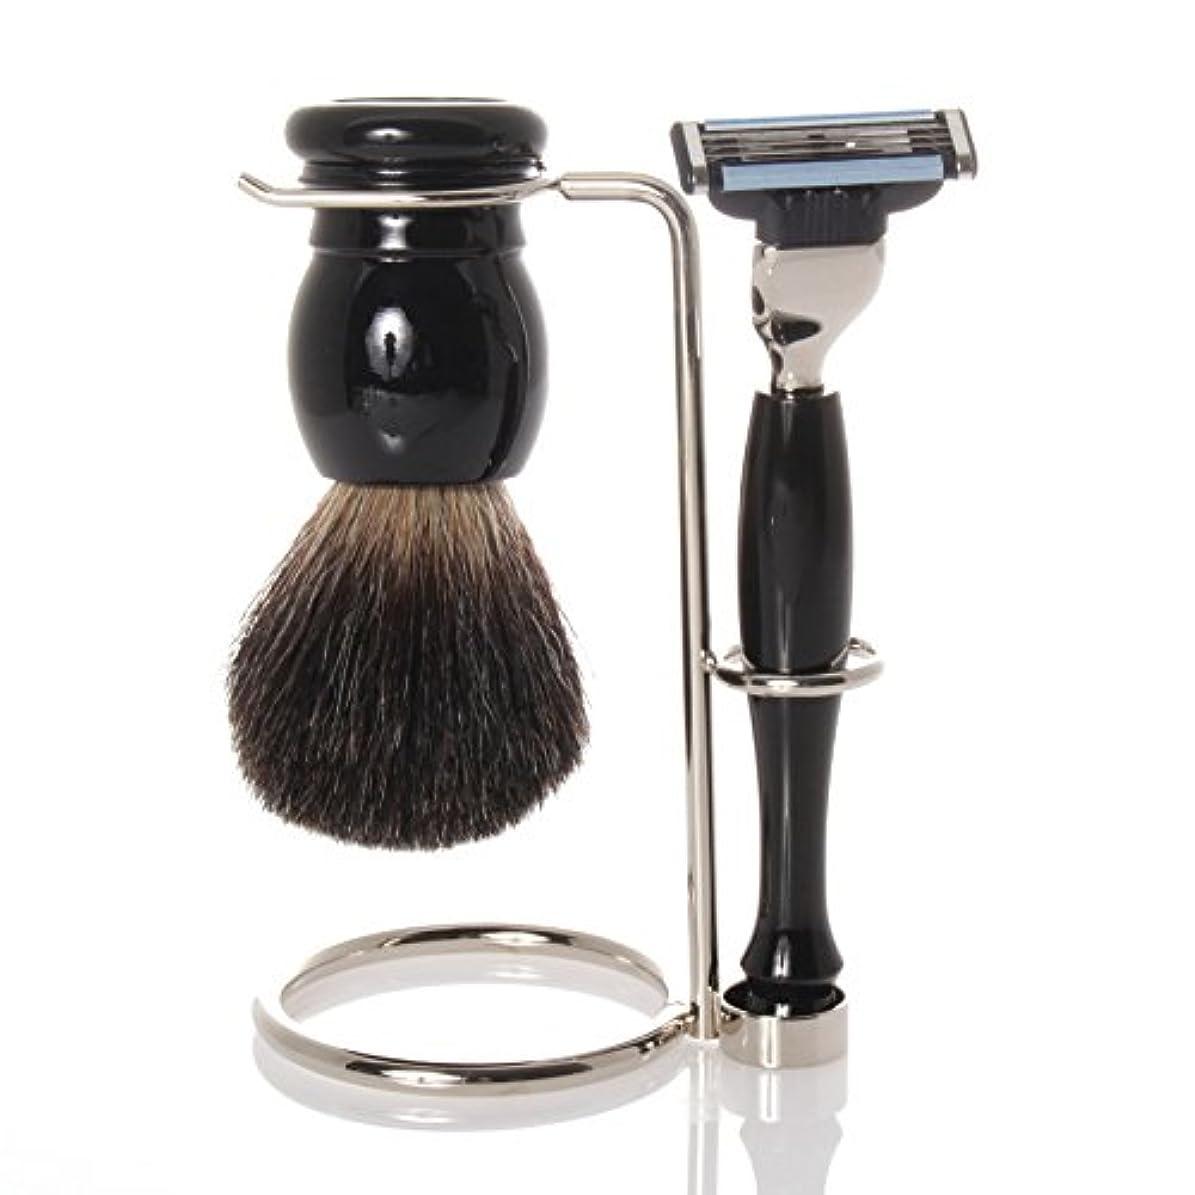 アカデミー残忍な指定Shaving set with holder, grey badger brush, razor - Hans Baier Exclusive